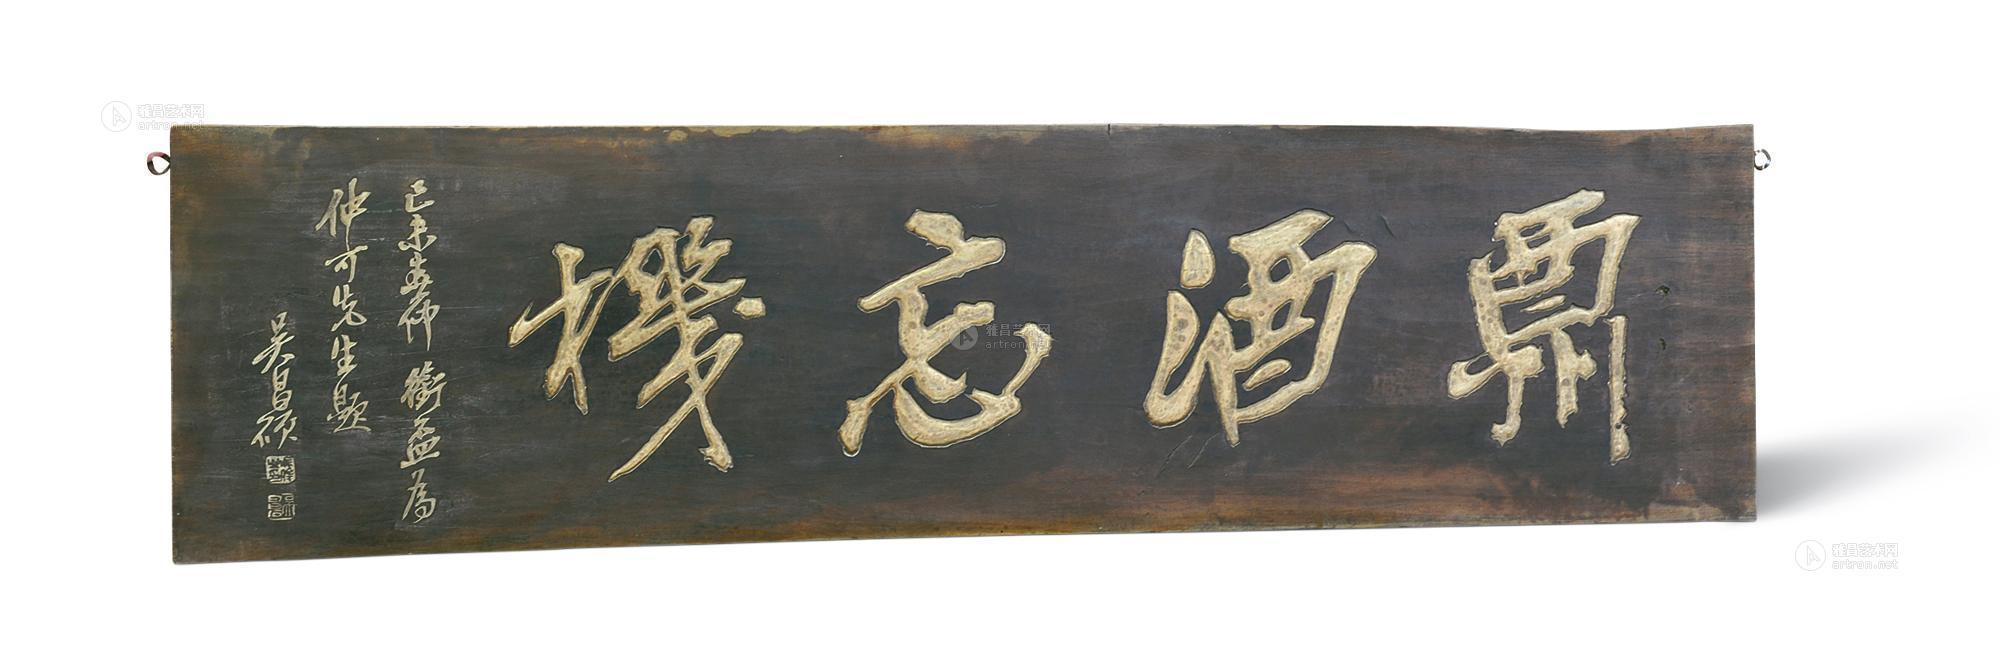 老的大木匾书法图片